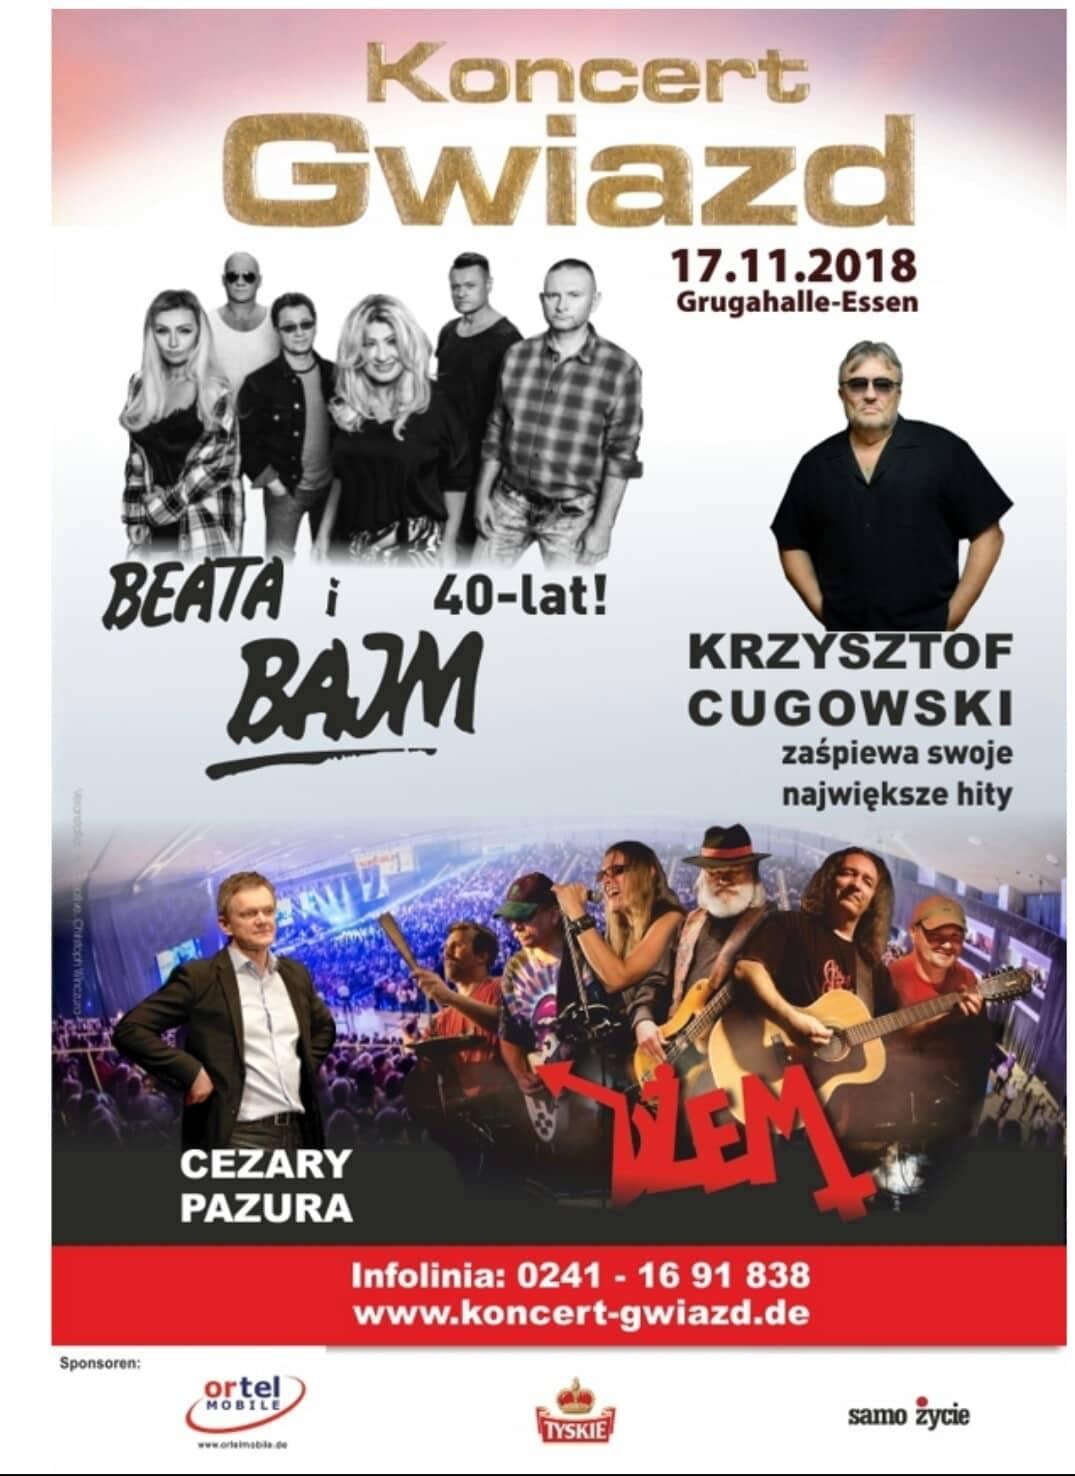 Konzert Gwiazd Essen